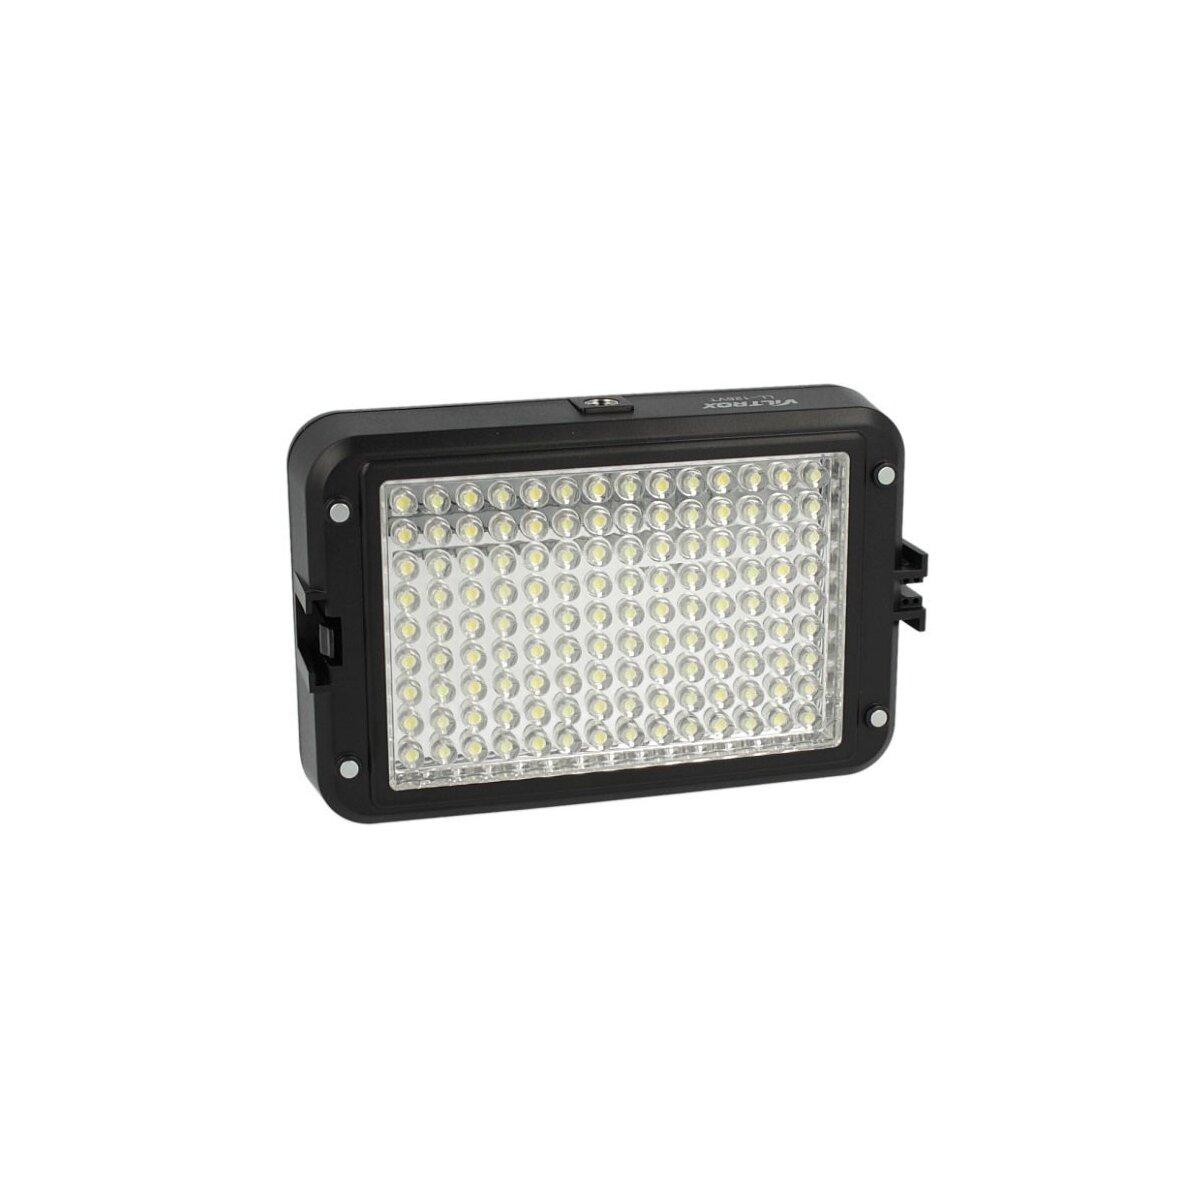 Kraftvolle Videoleuchte 126 LED's, Lichtkamera mit Dimmer fuer Farbtemperatur & 2 Filtern fuer alle gaengigen Kameras